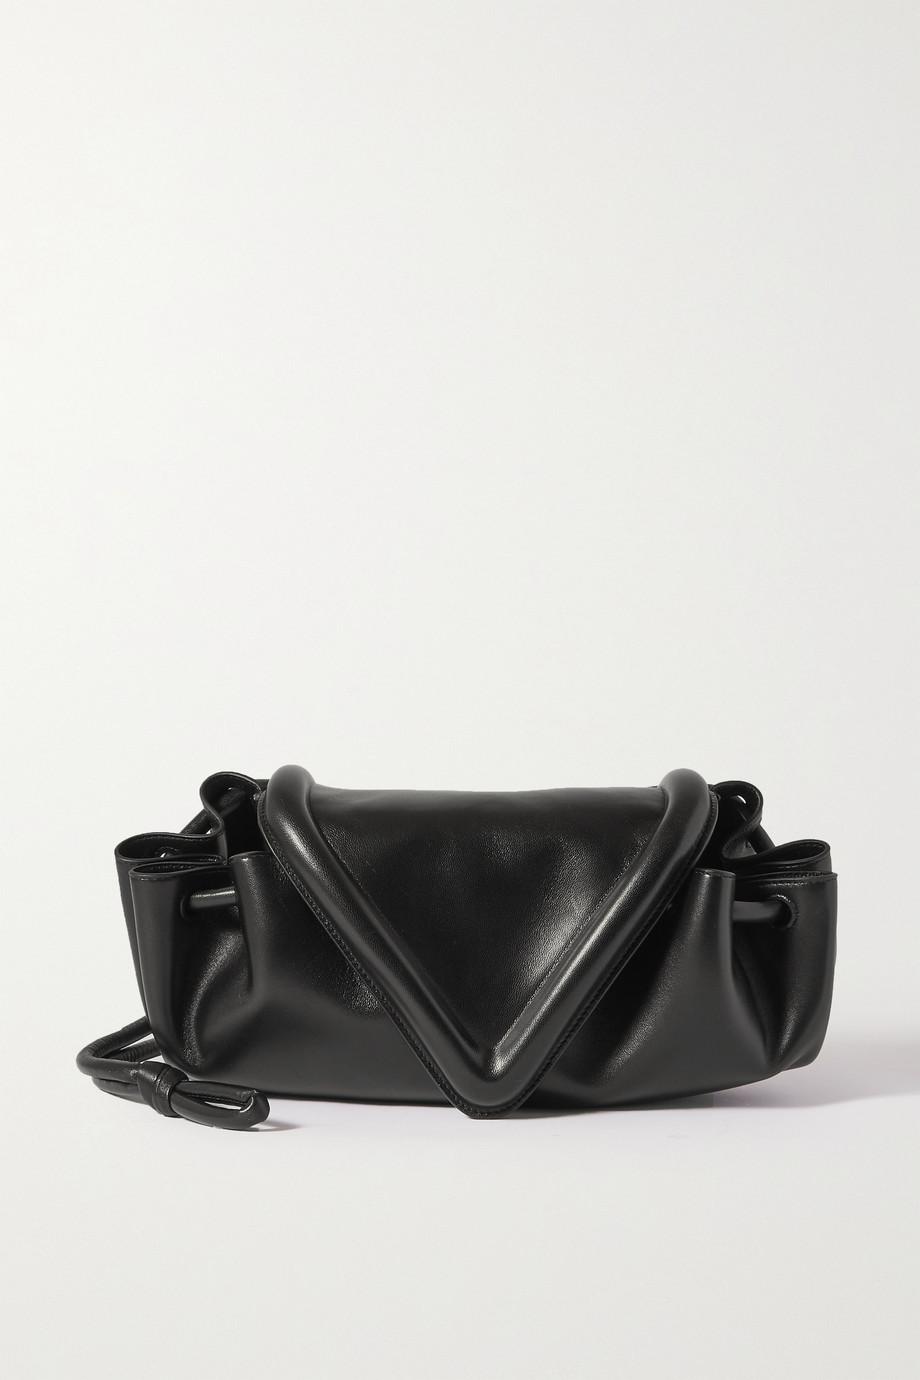 Bottega Veneta Beak medium leather shoulder bag